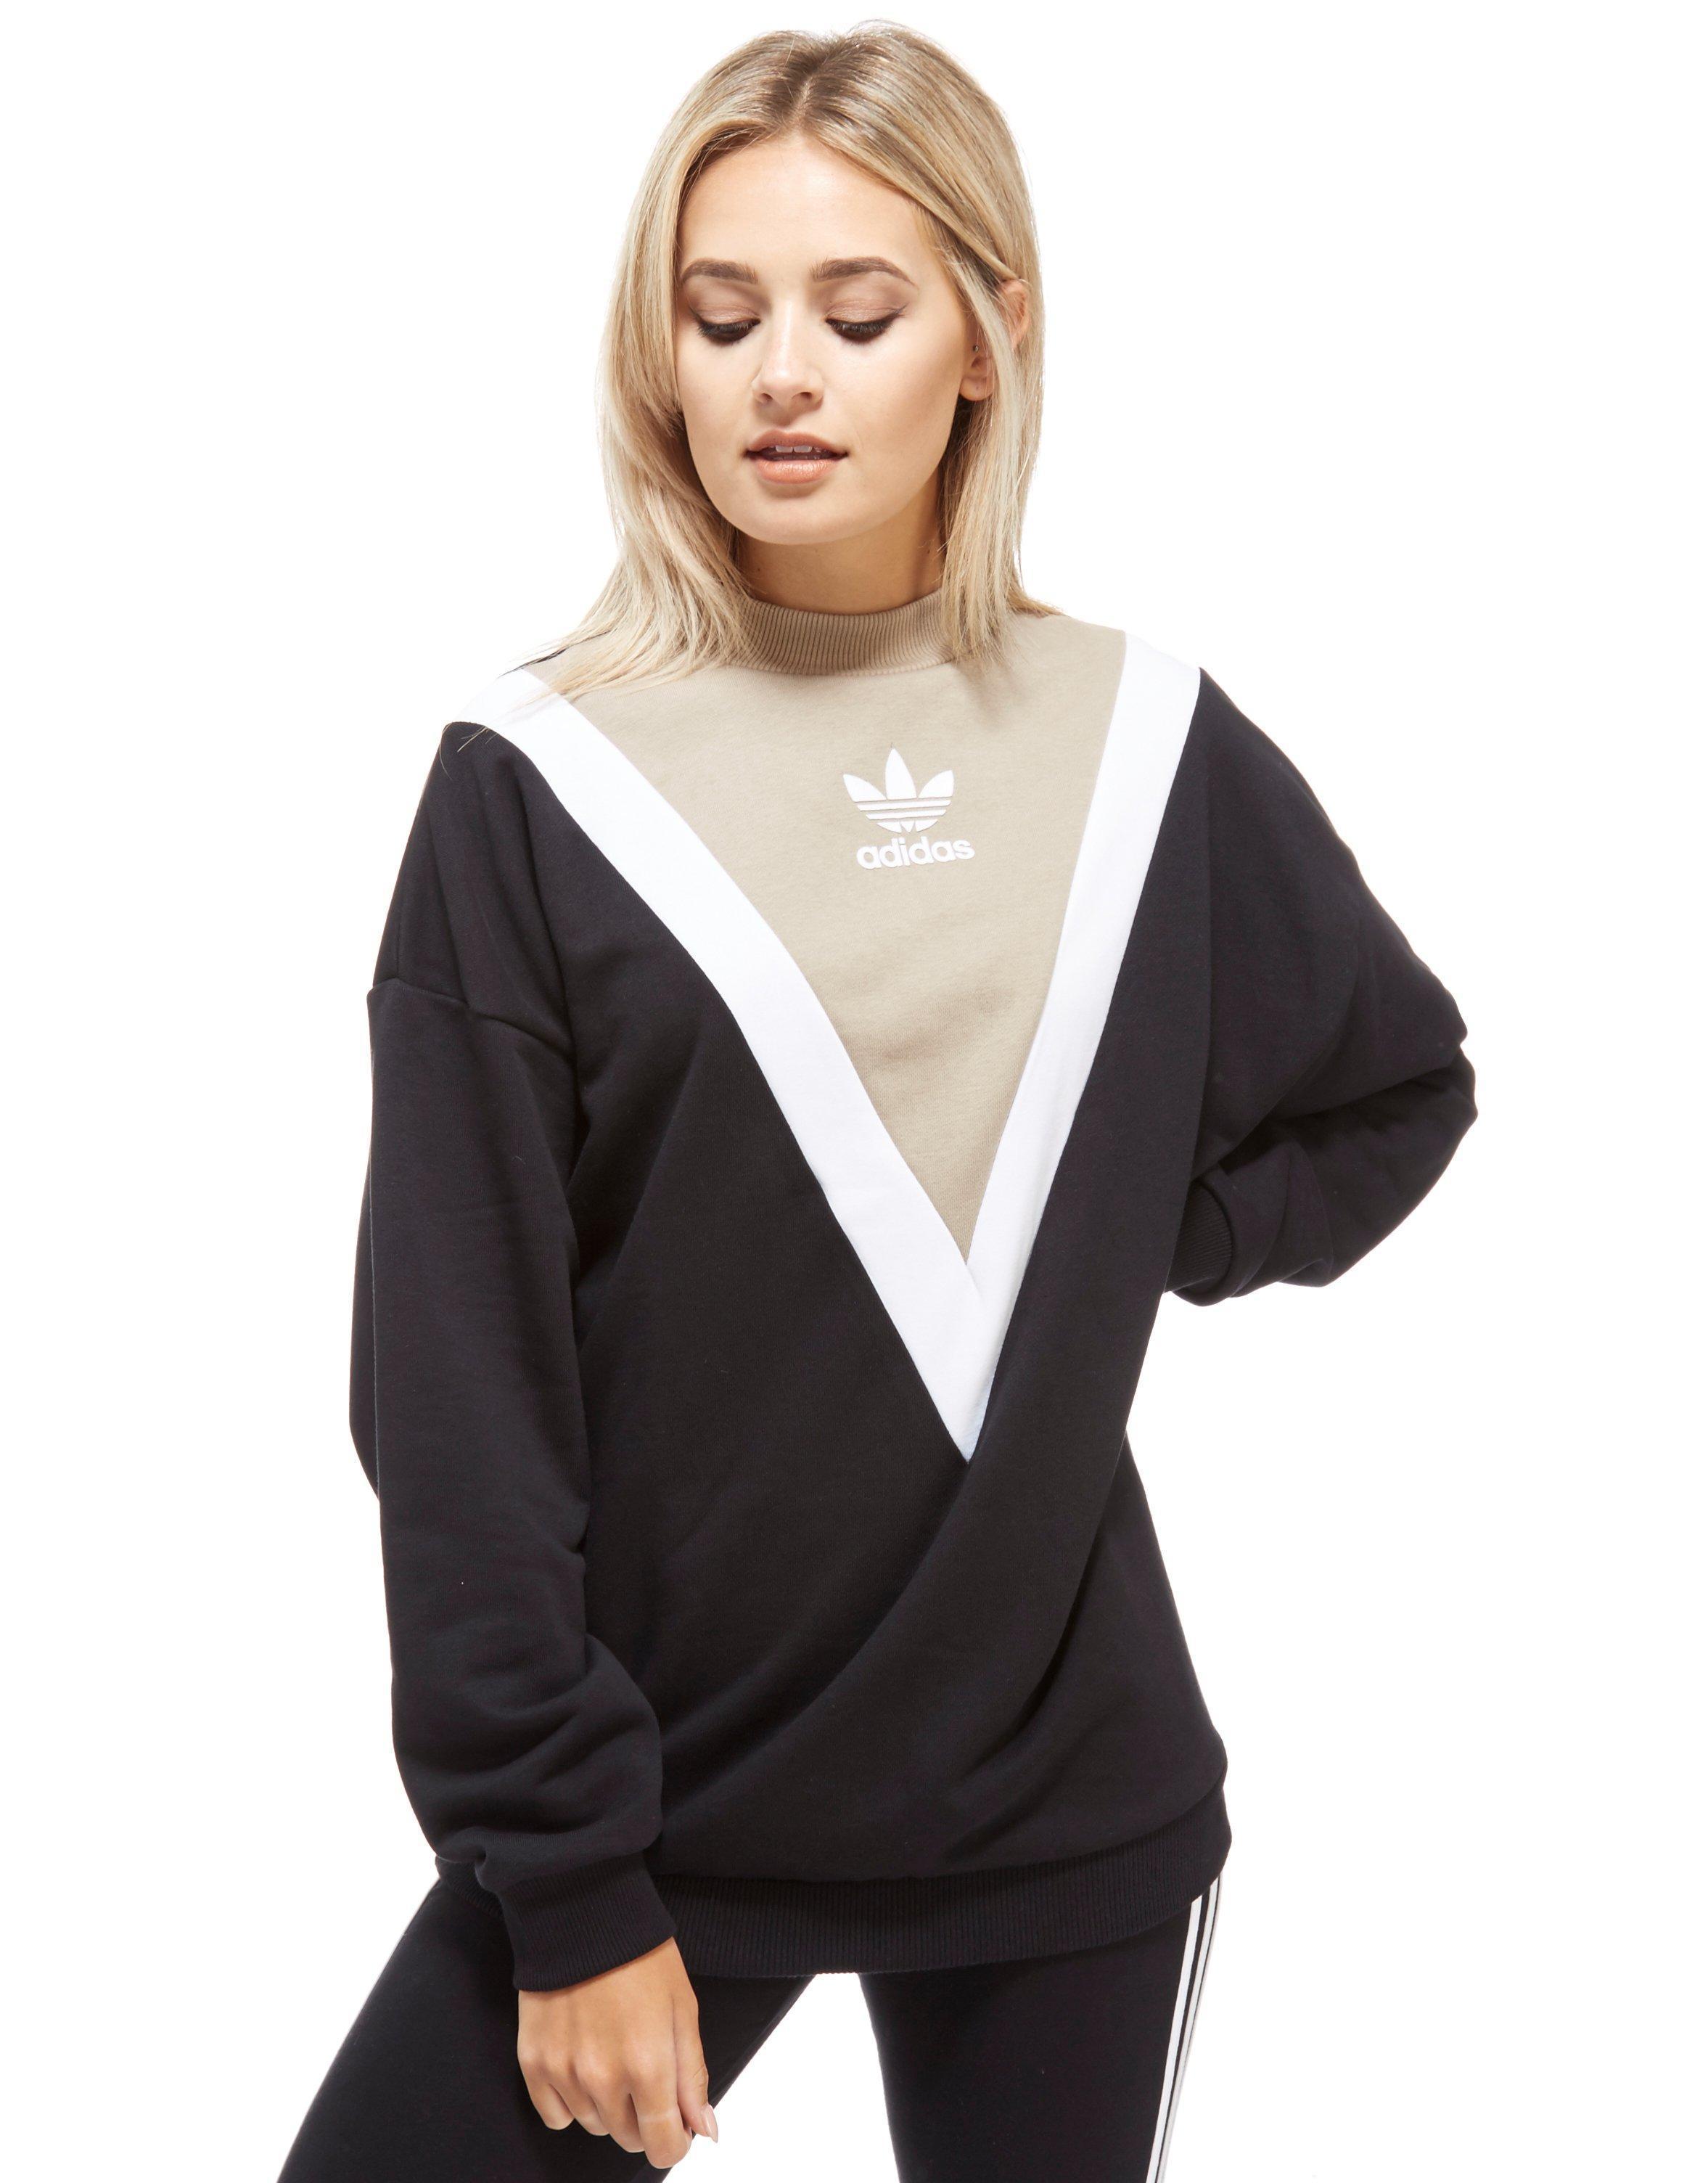 adidas Originals Chevron Sweatshirt in BlackBeige (Black